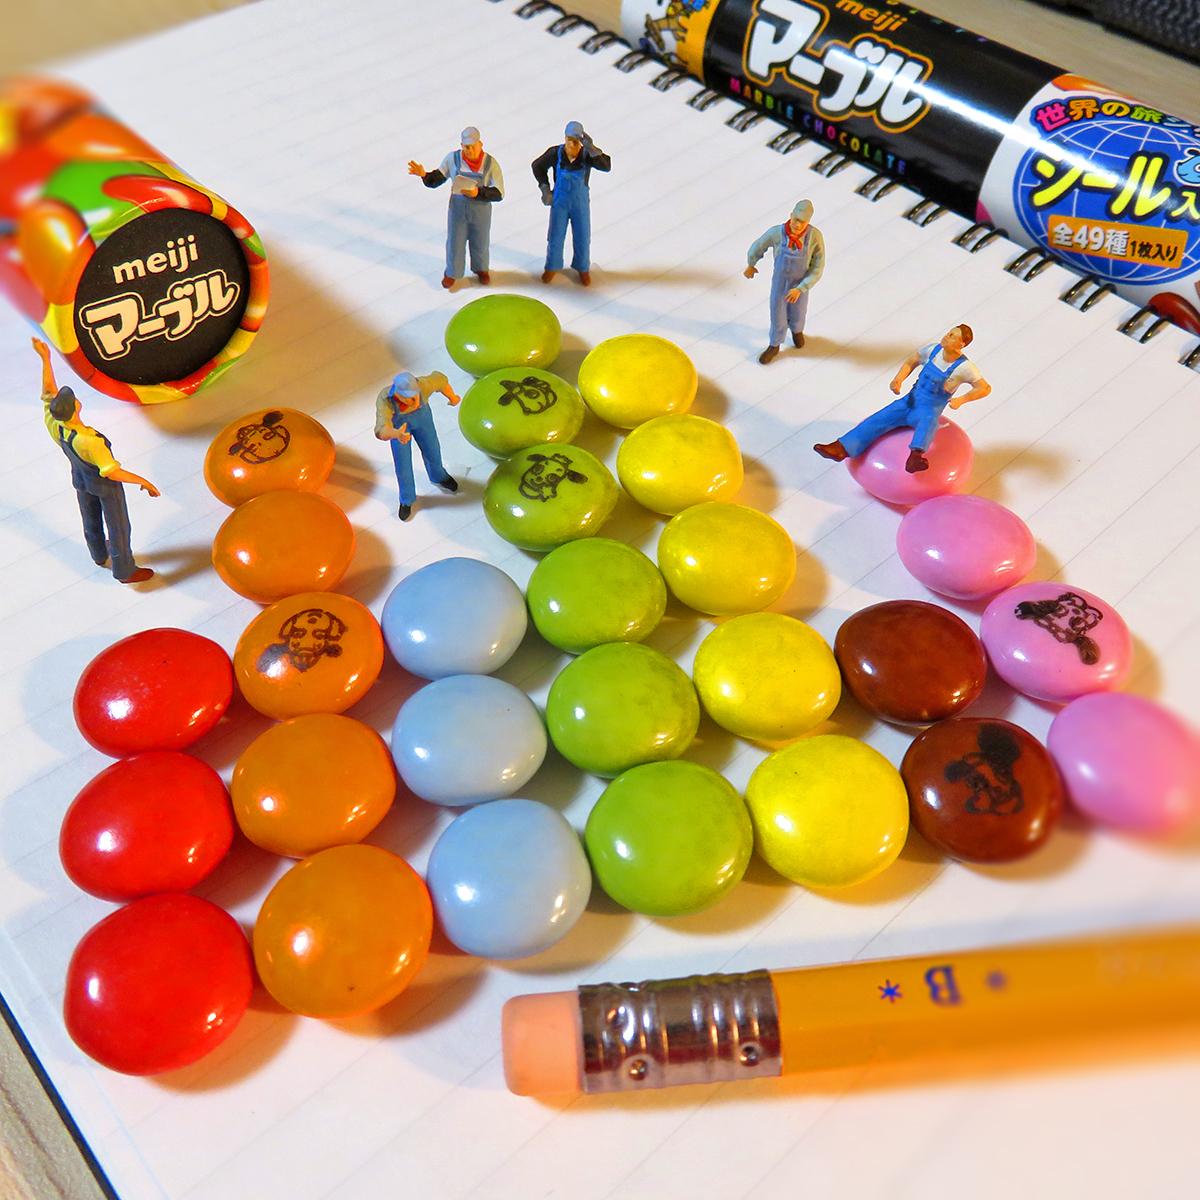 明治マーブルチョコを色別に整理する作業員たち